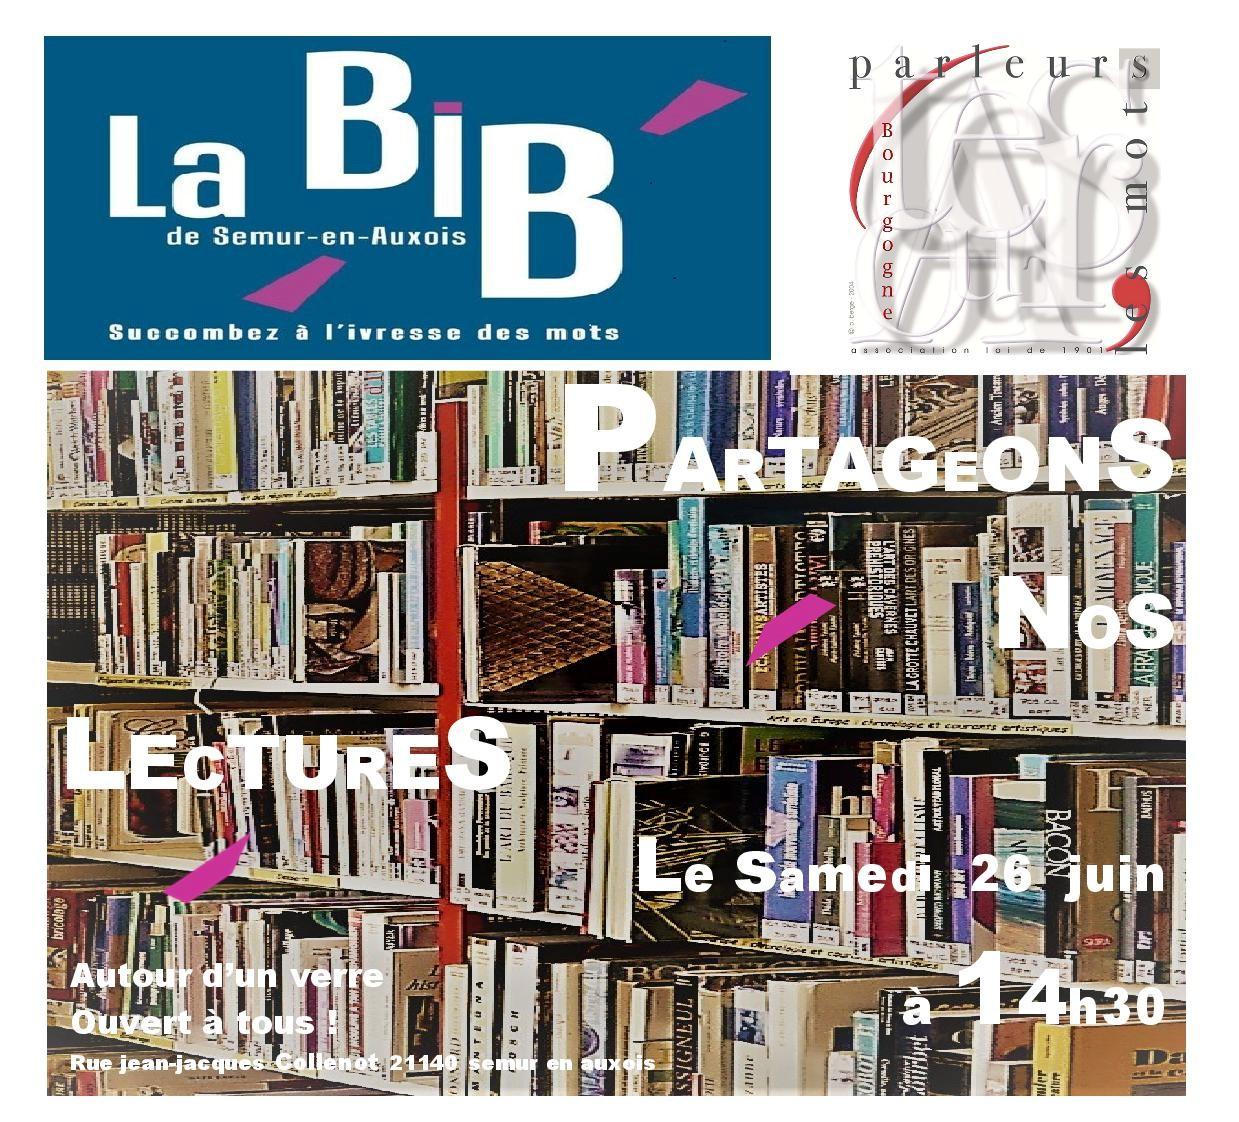 Partageons nos lectures Bibliothèque 26 juin 2021